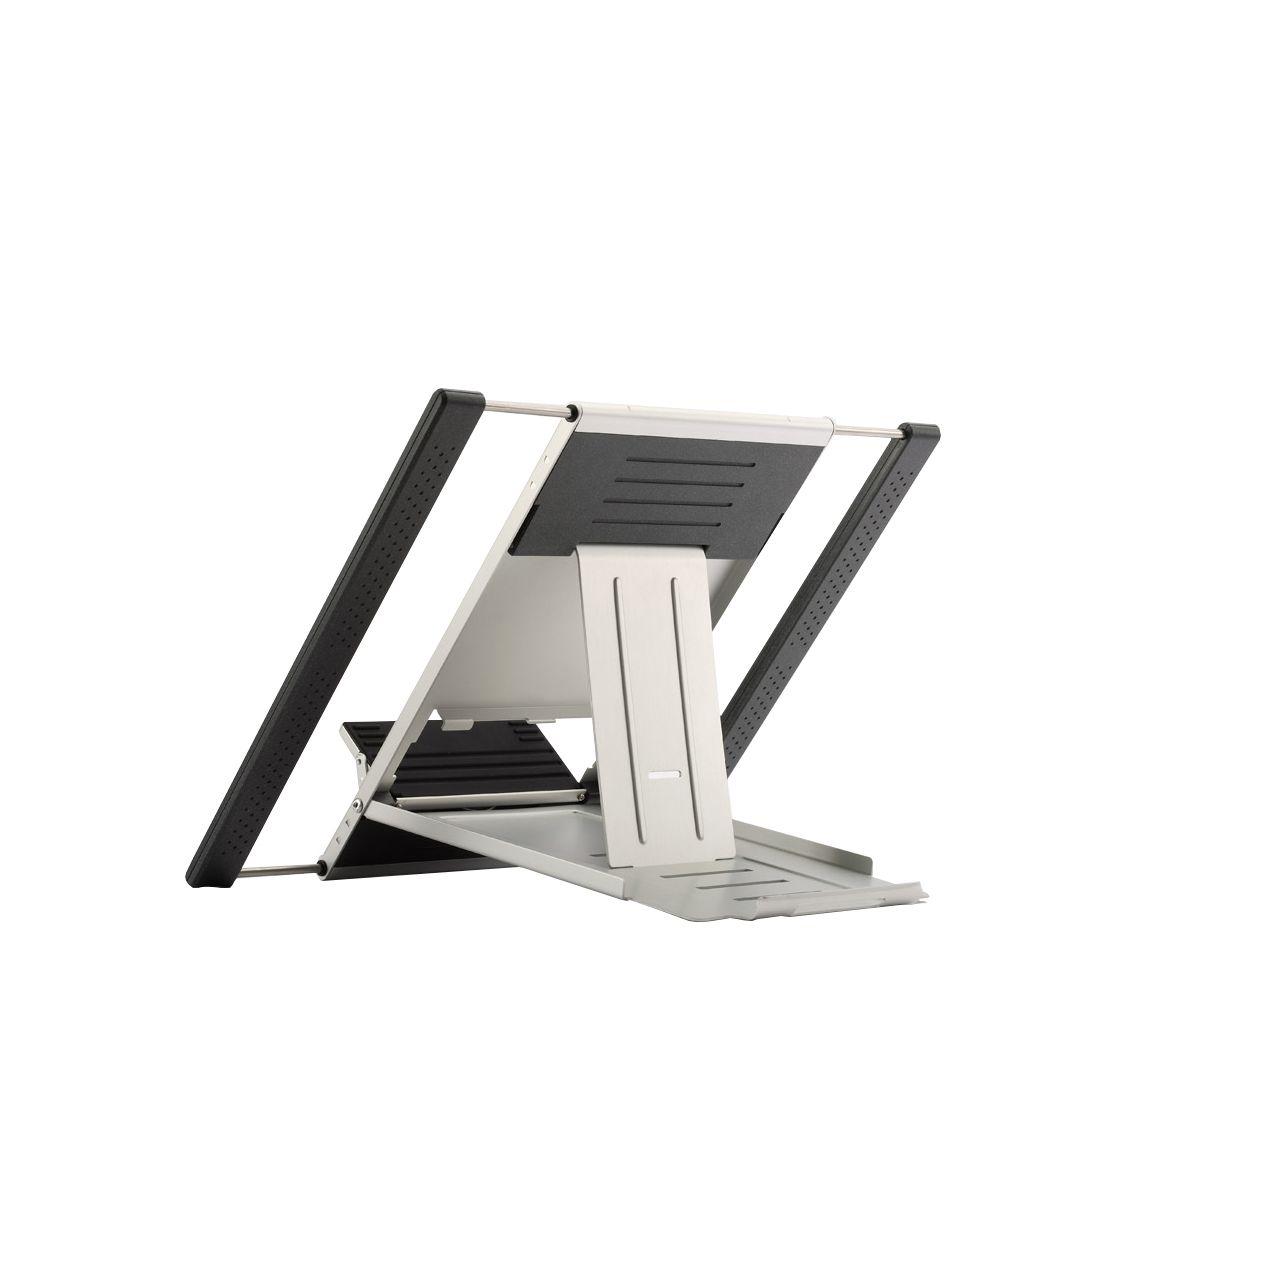 ergostar laptopstand flexible laptophouder ERKASC01 Schuinachter